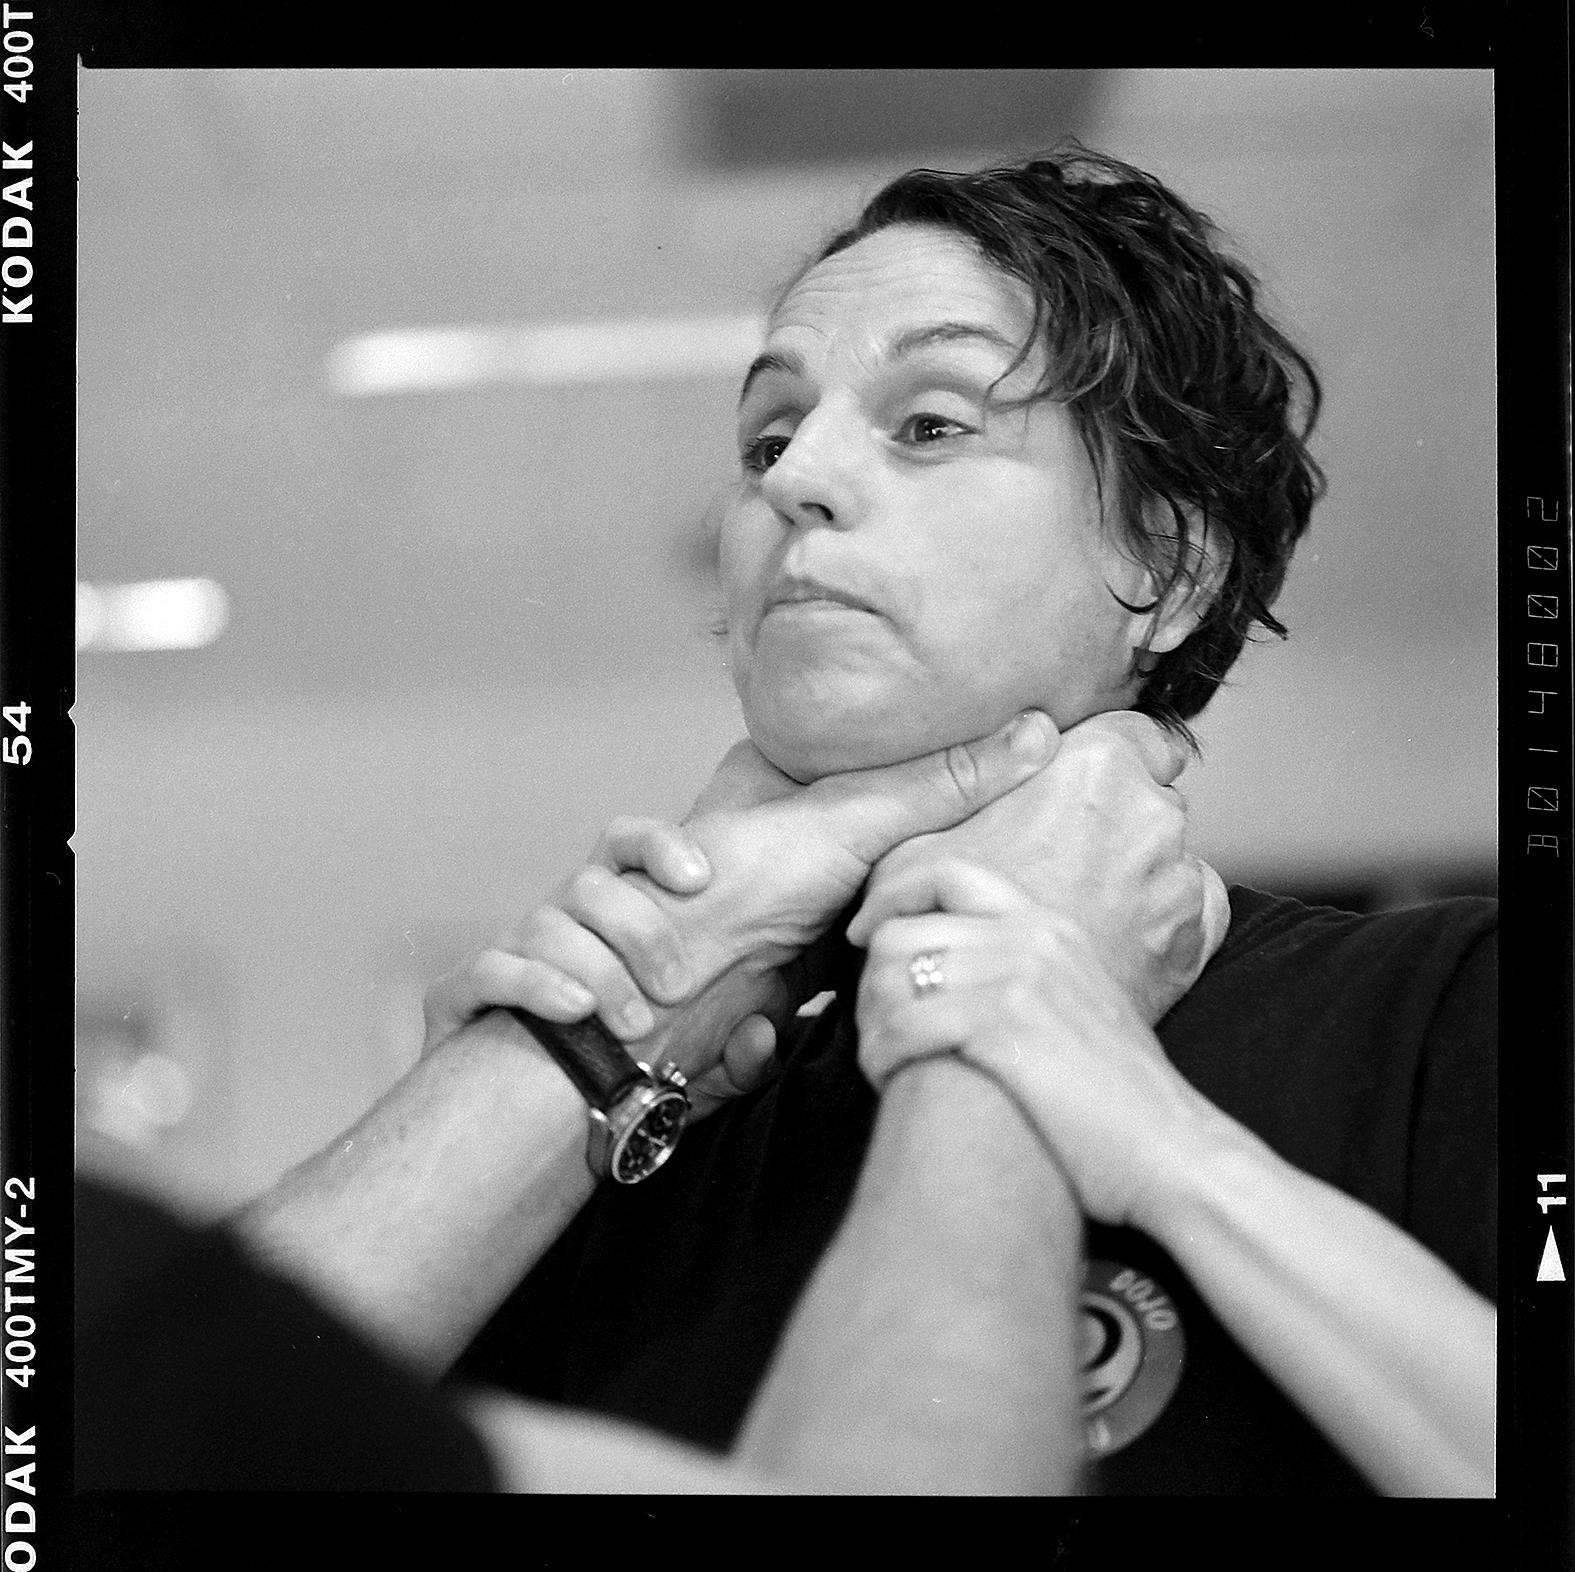 Anita Enberg hjälper äldre att försvara sig. Foto: Mikael Andersson, 2016-06-22, Hasselblad 500 cm, 150mm, f4-1/30sek.